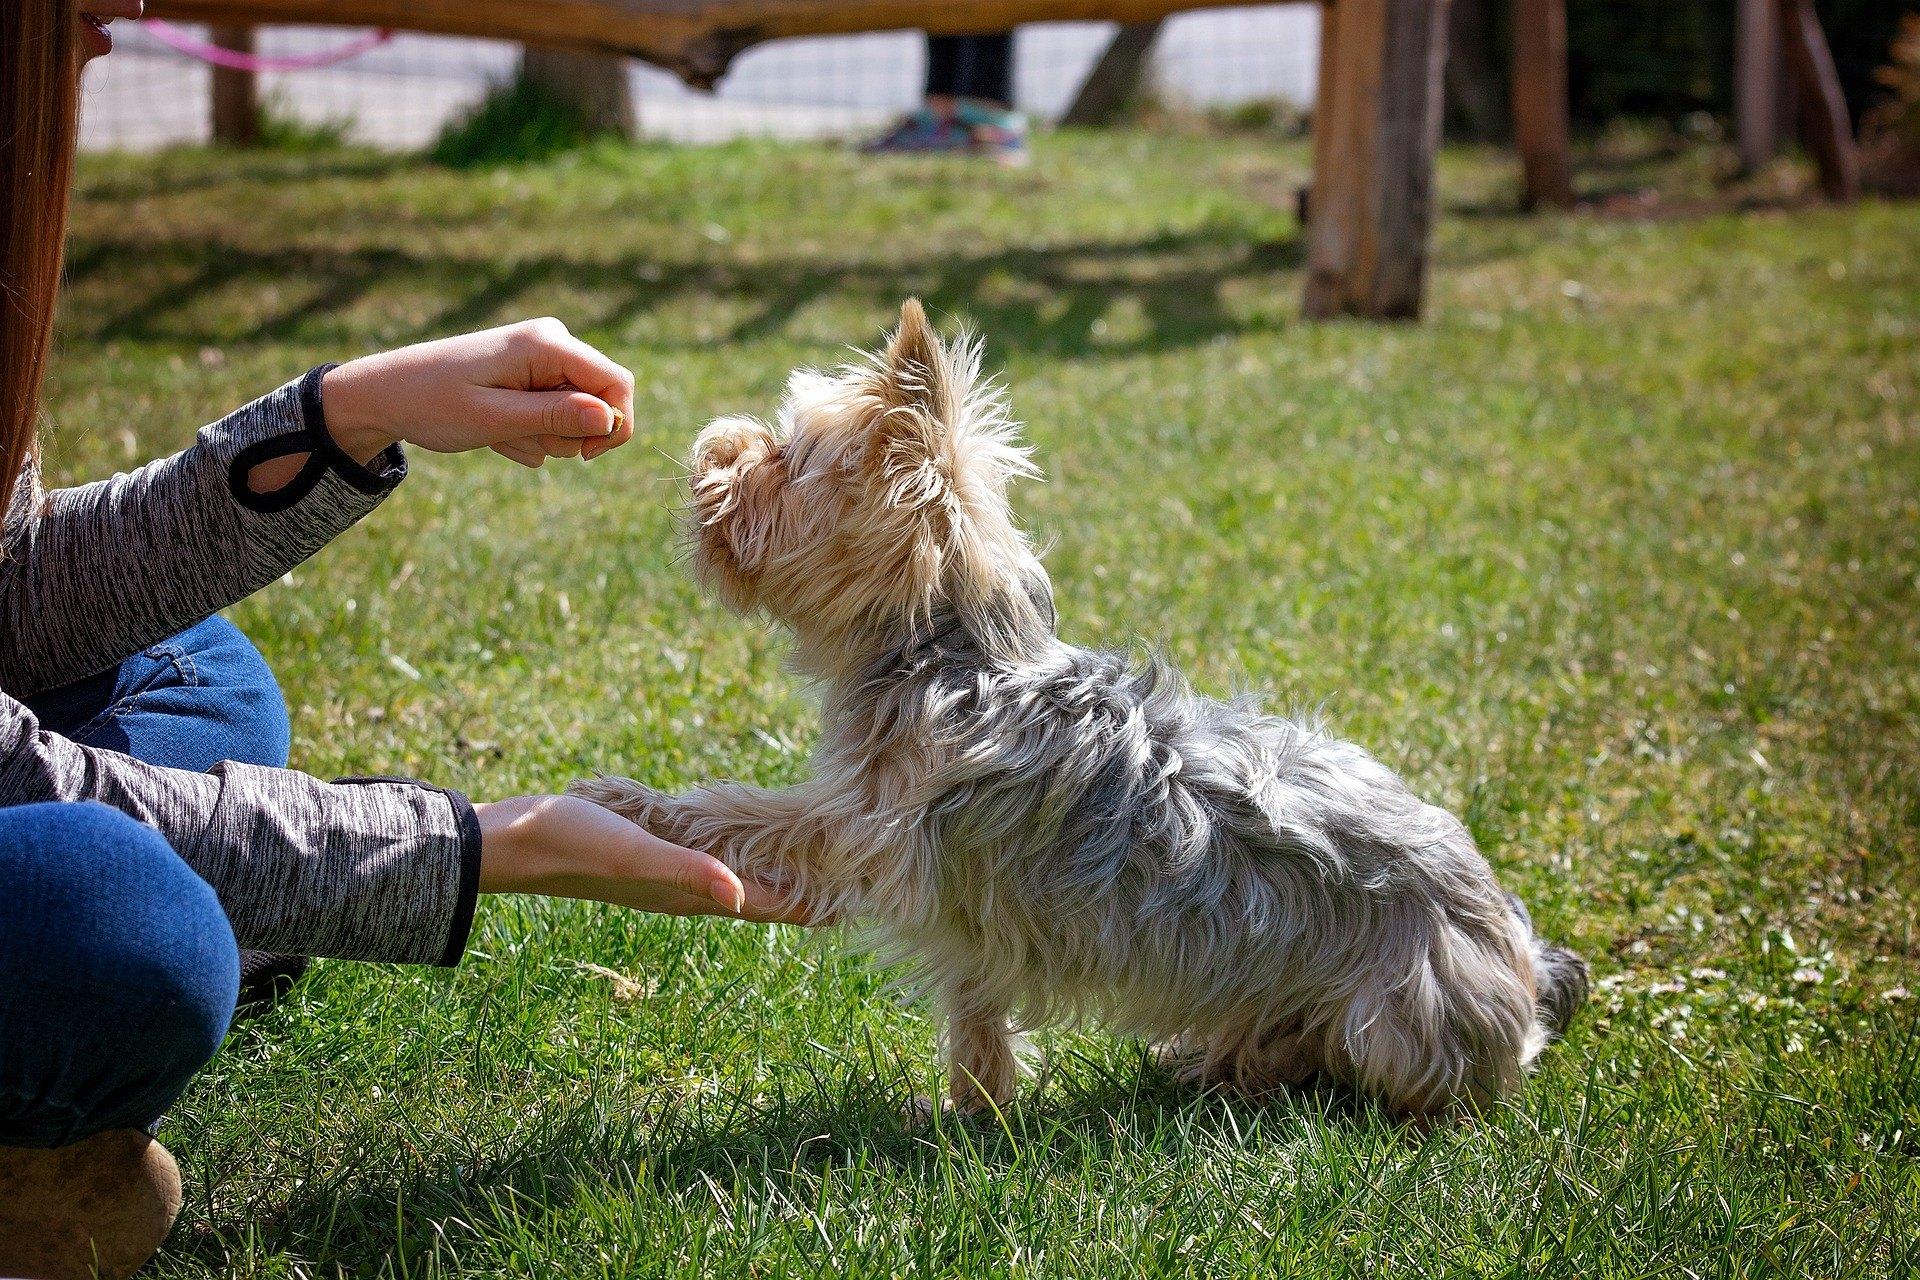 Díky povelům se naučí pes poslouchat. Je to také způsob, jak psa zabavit a zároveň budovat vztah mezi psem a chovatelem.